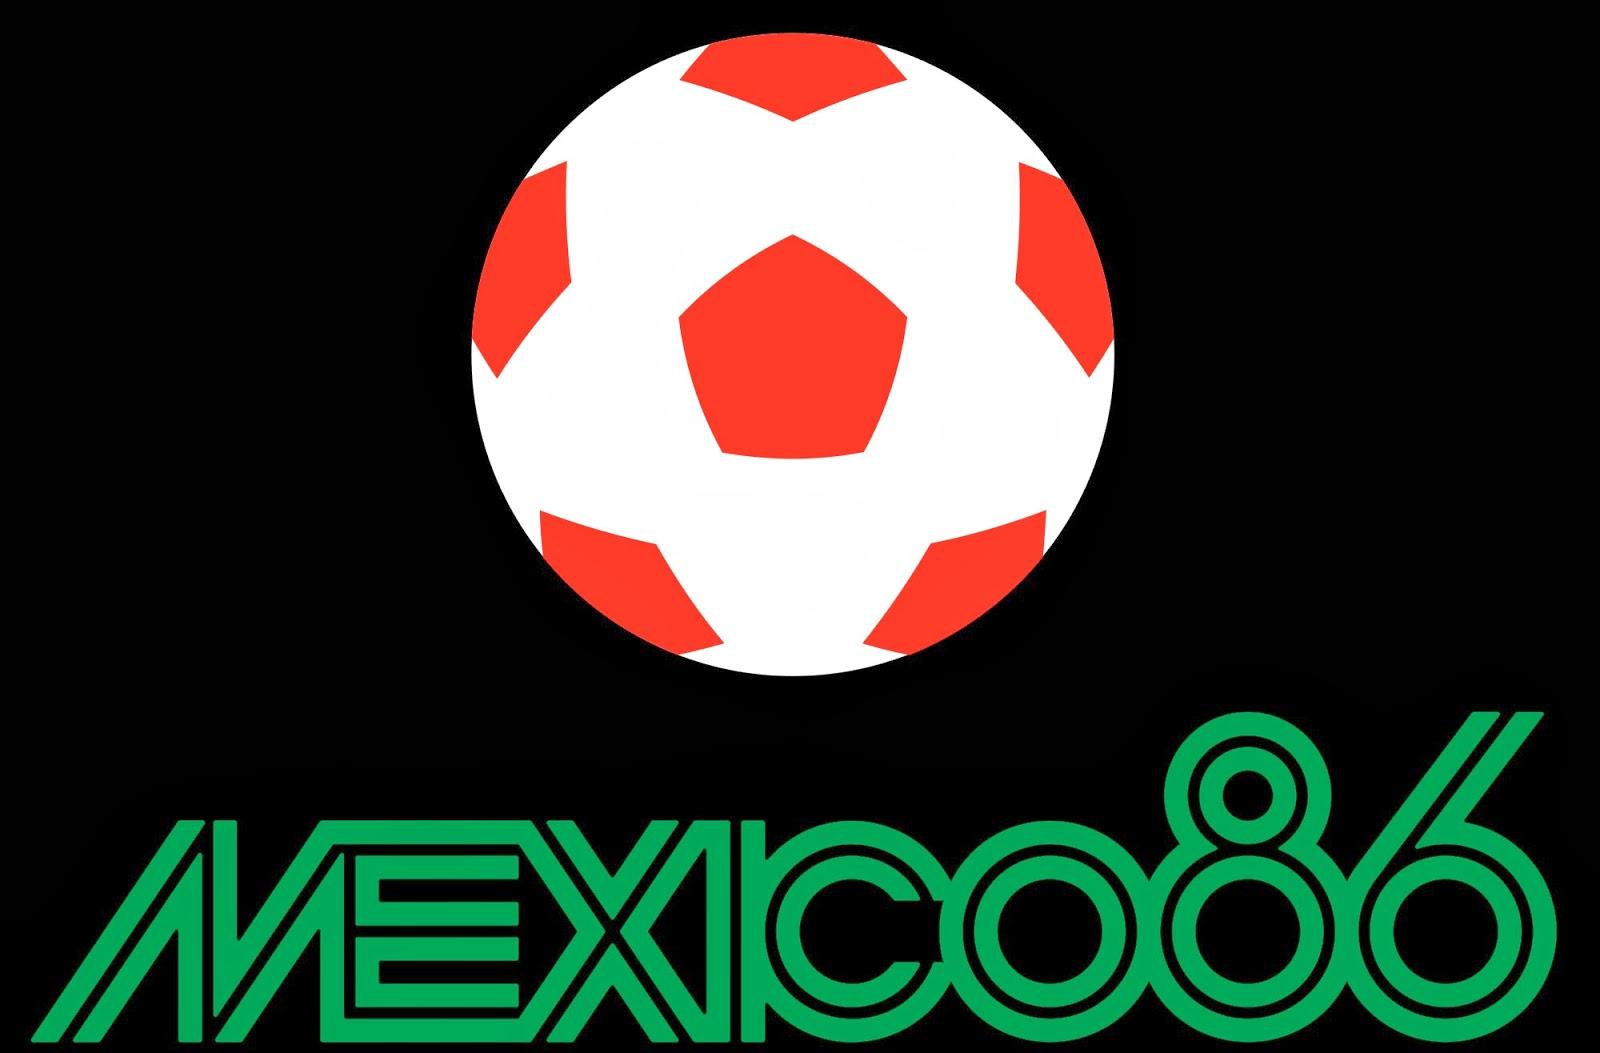 Mundial de Fútbol Francia 1998: Posiciones Finales y